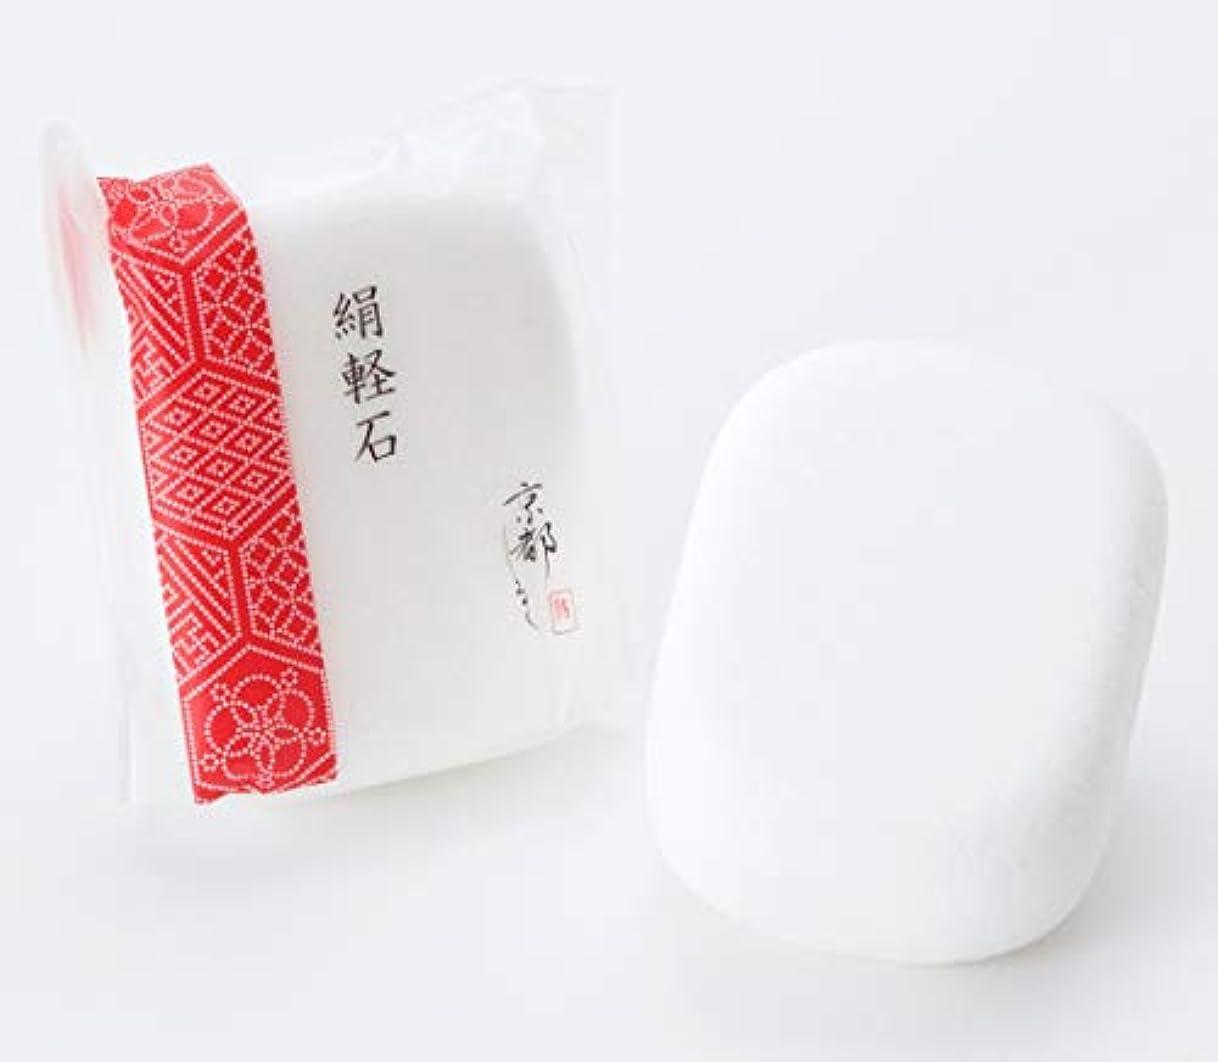 マインド液化する傾いた京都しるく シルクの軽石【保湿成分シルクパウダー配合】/かかとの角質を落としてツルツル素足に 絹軽石 かかとキレイ かかとつるつる